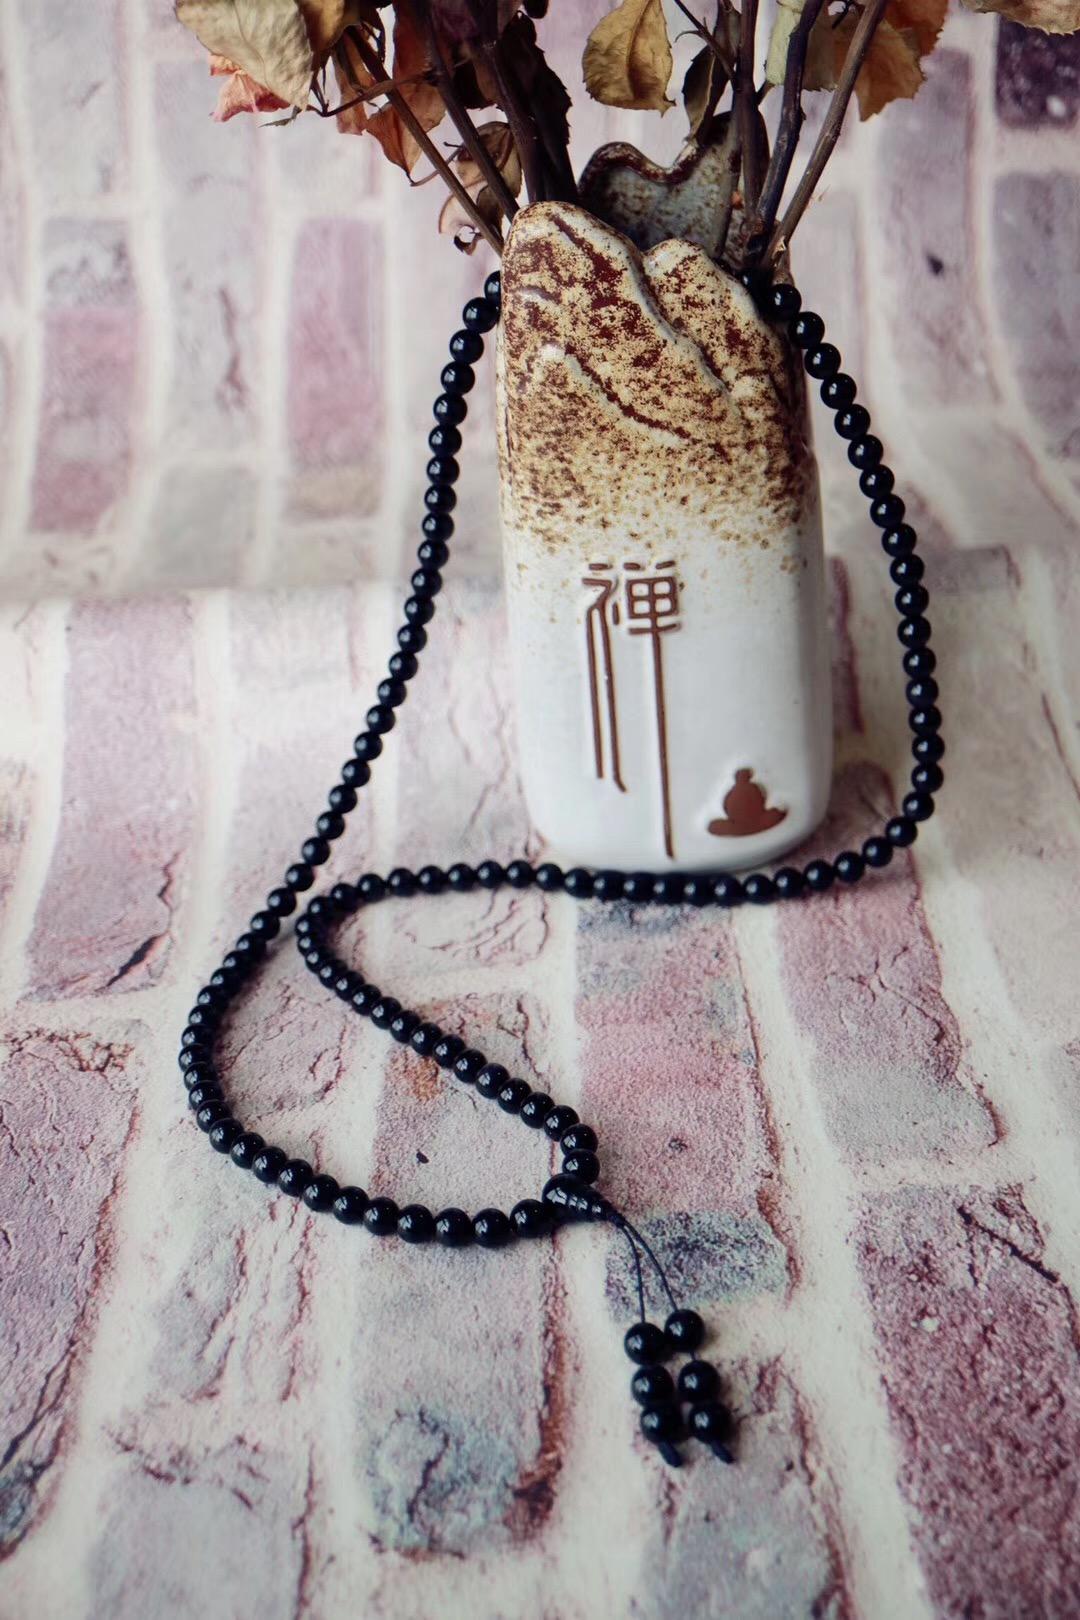 【黑曜石佛珠】黑曜石有助于带领心智穿越潜意识的黑暗地带-菩心晶舍